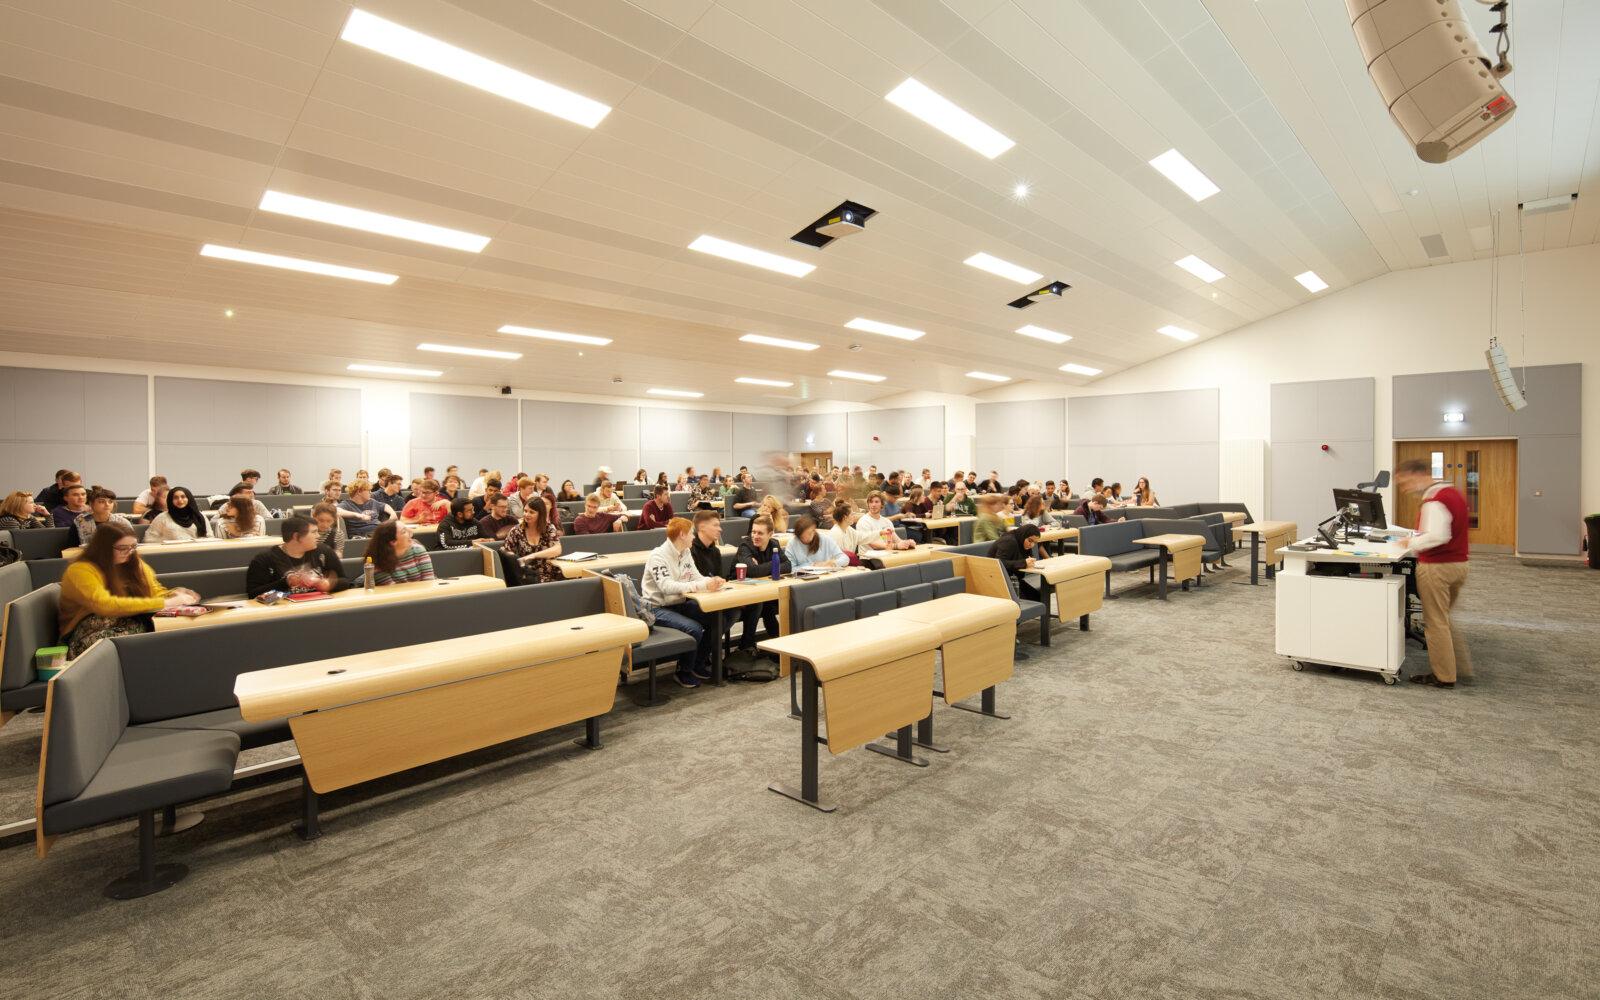 Heriot-Watt University James Watt Centre lecture theatre